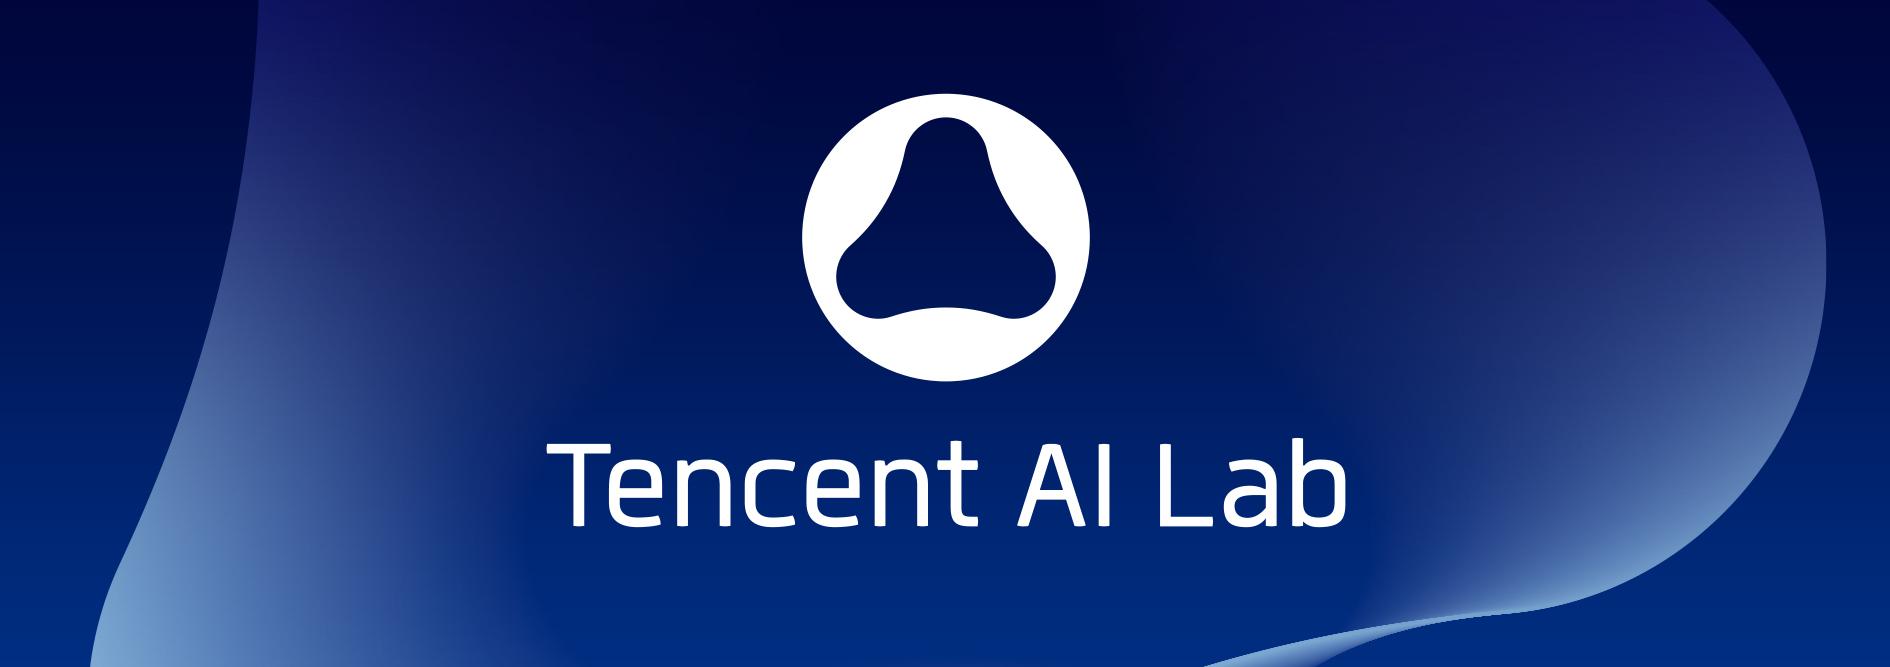 Tencent AI Lab - 品牌形象设计